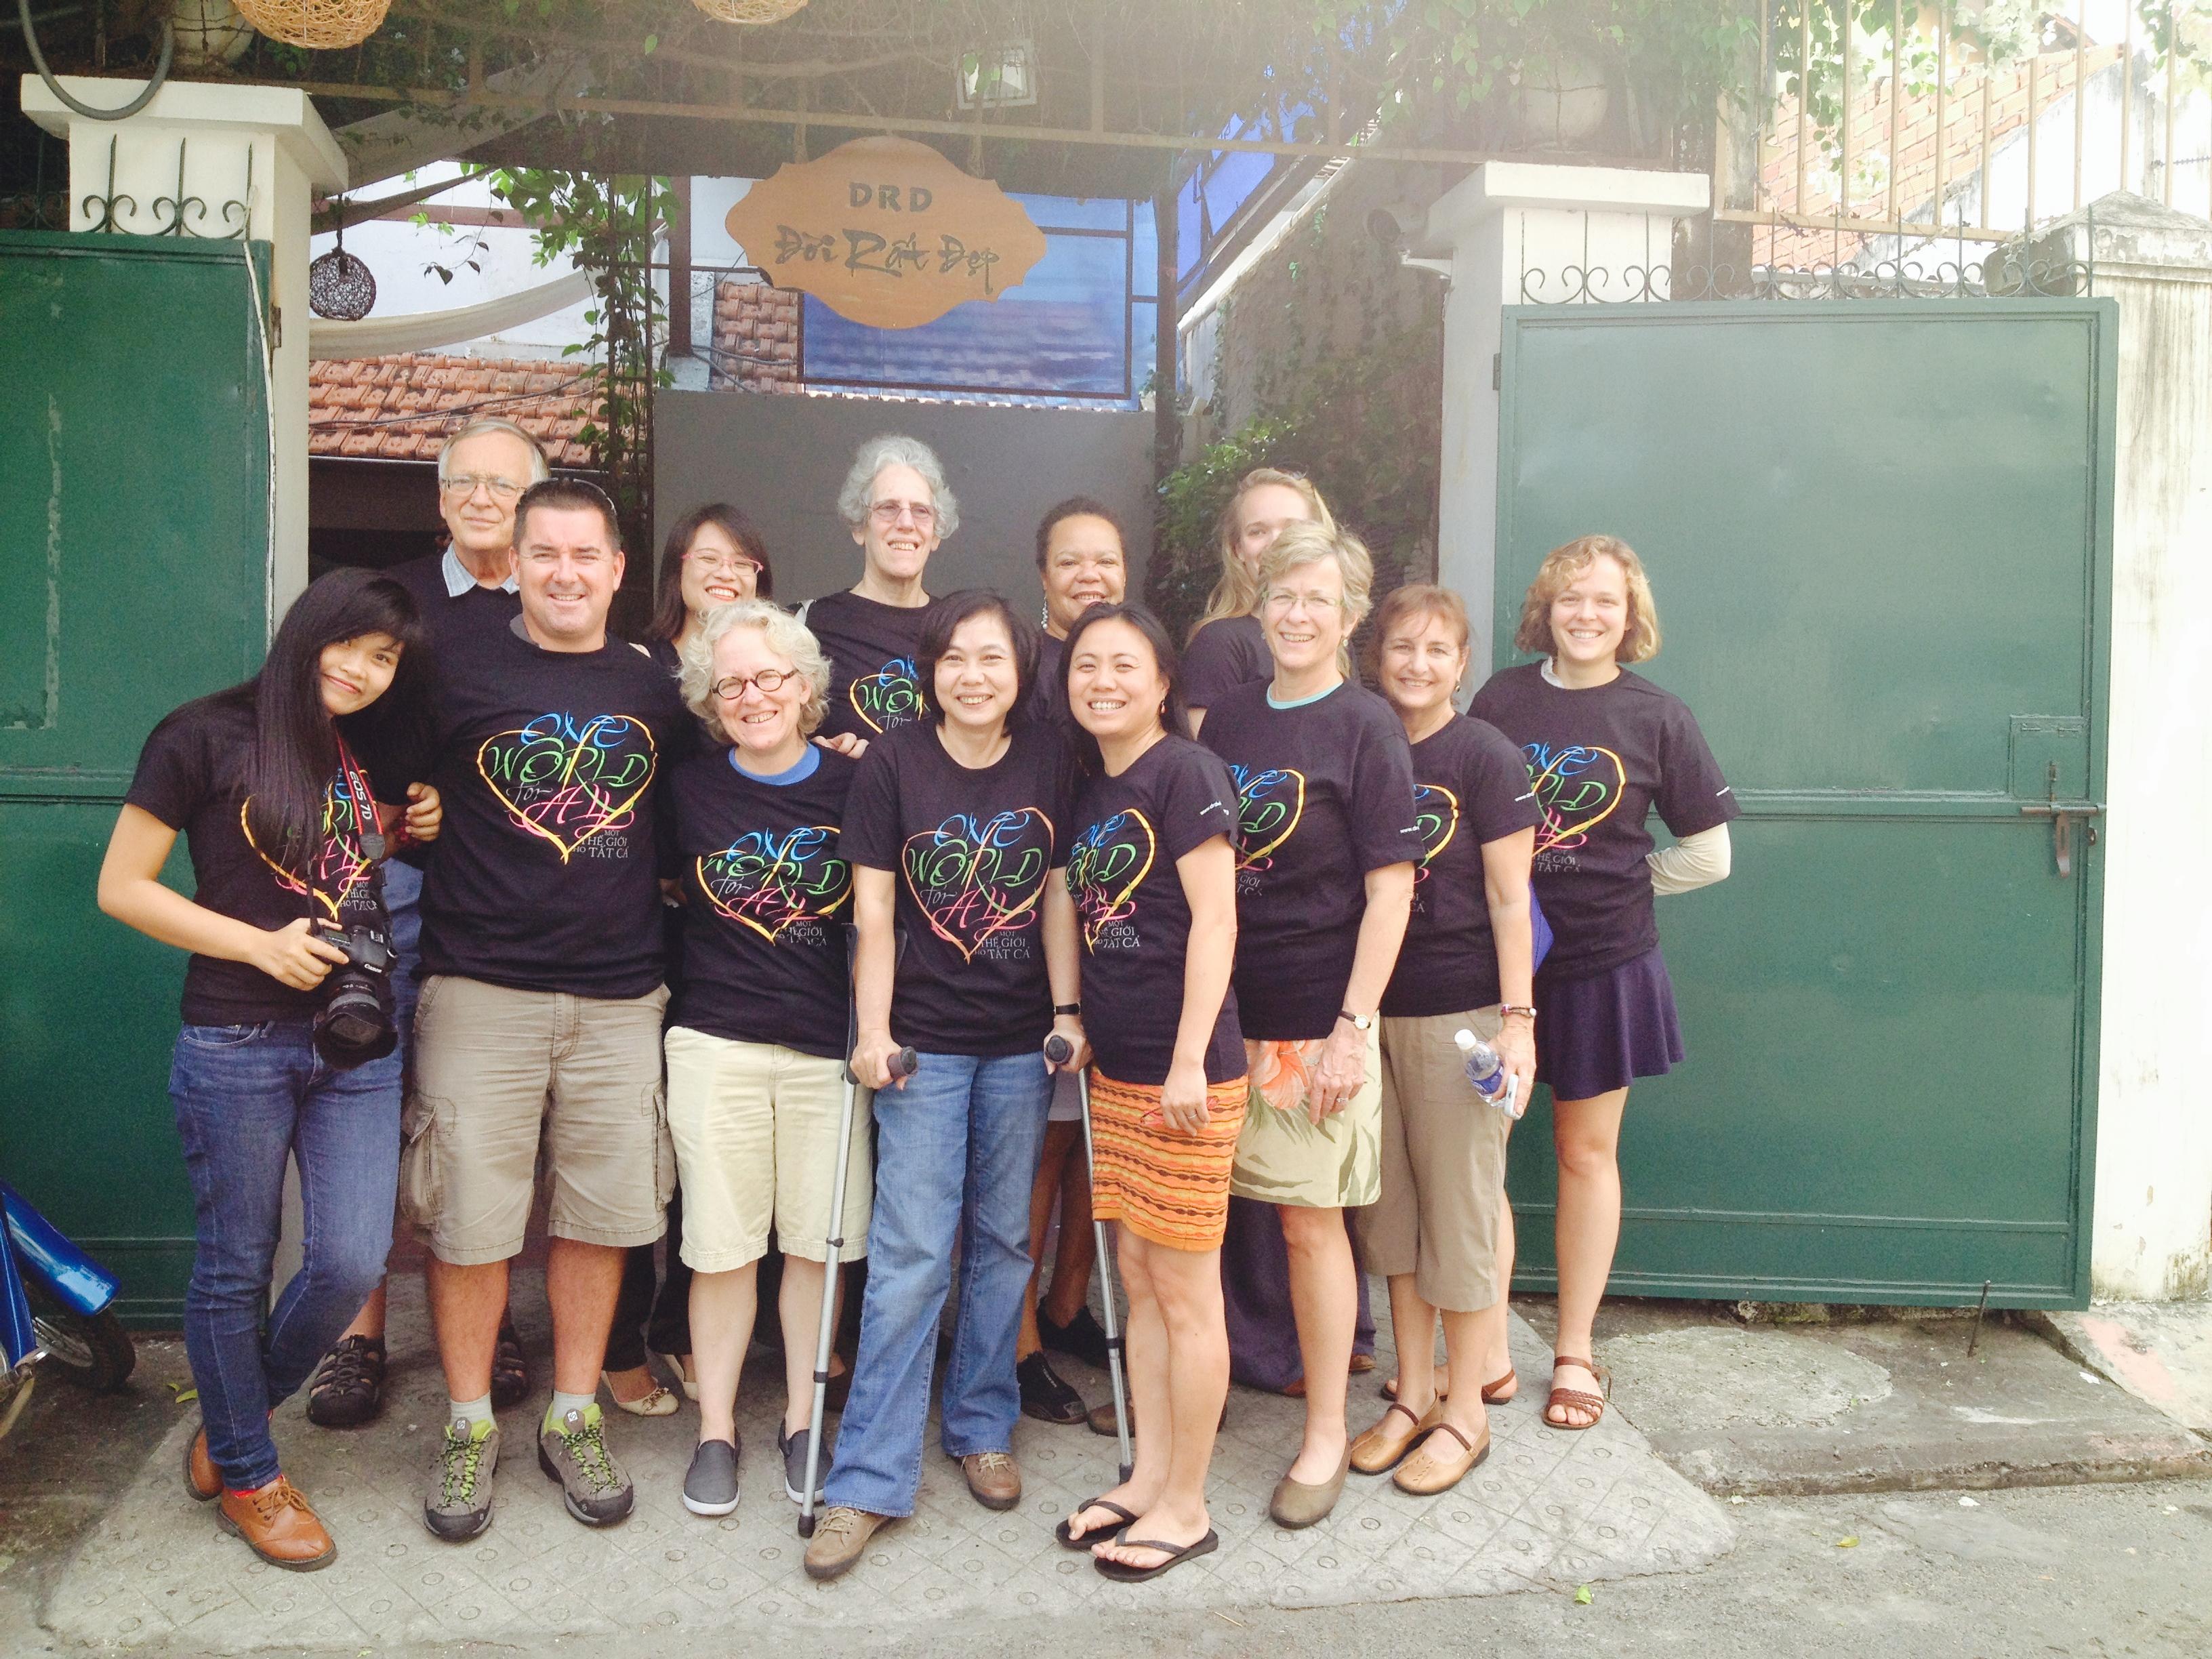 Chị Sandy Đặng (thứ tư từ bên phải) cùng đoàn tình nguyện tại tổ chức Đời Rất Đẹp ở Việt Nam. Ảnh do Sandy Đặng cung cấp